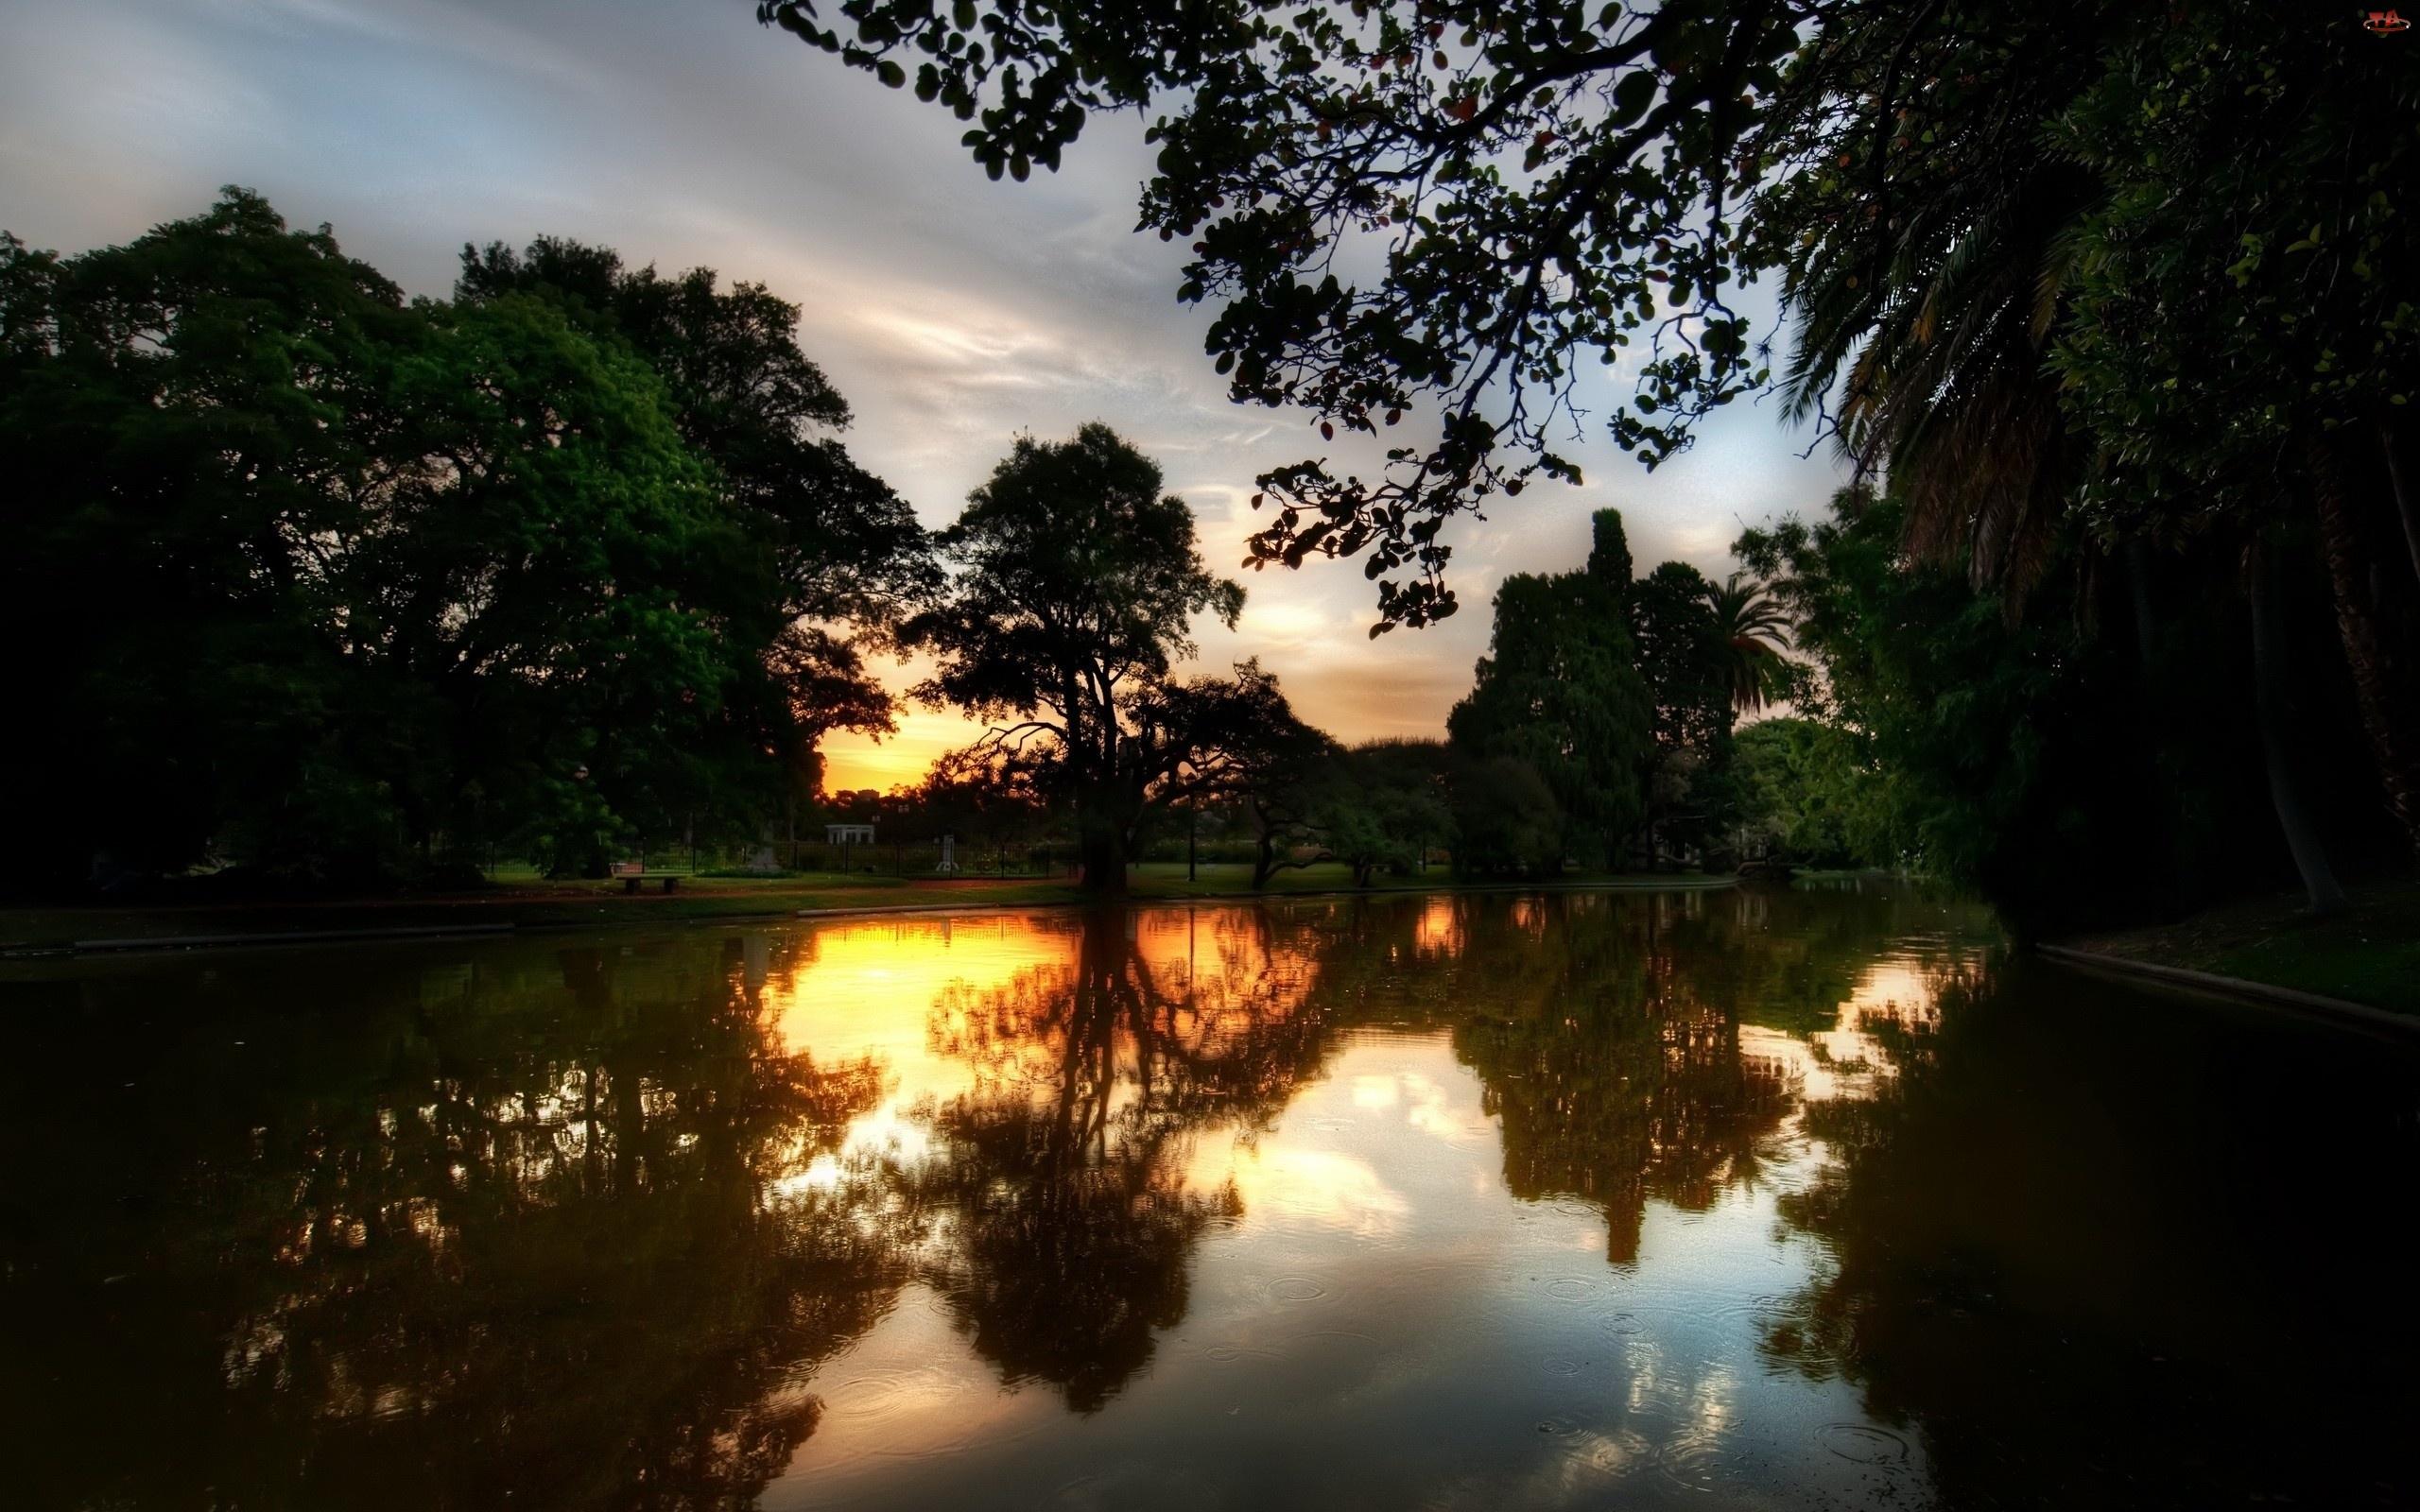 Ławeczka, Rzeka, Drzewa